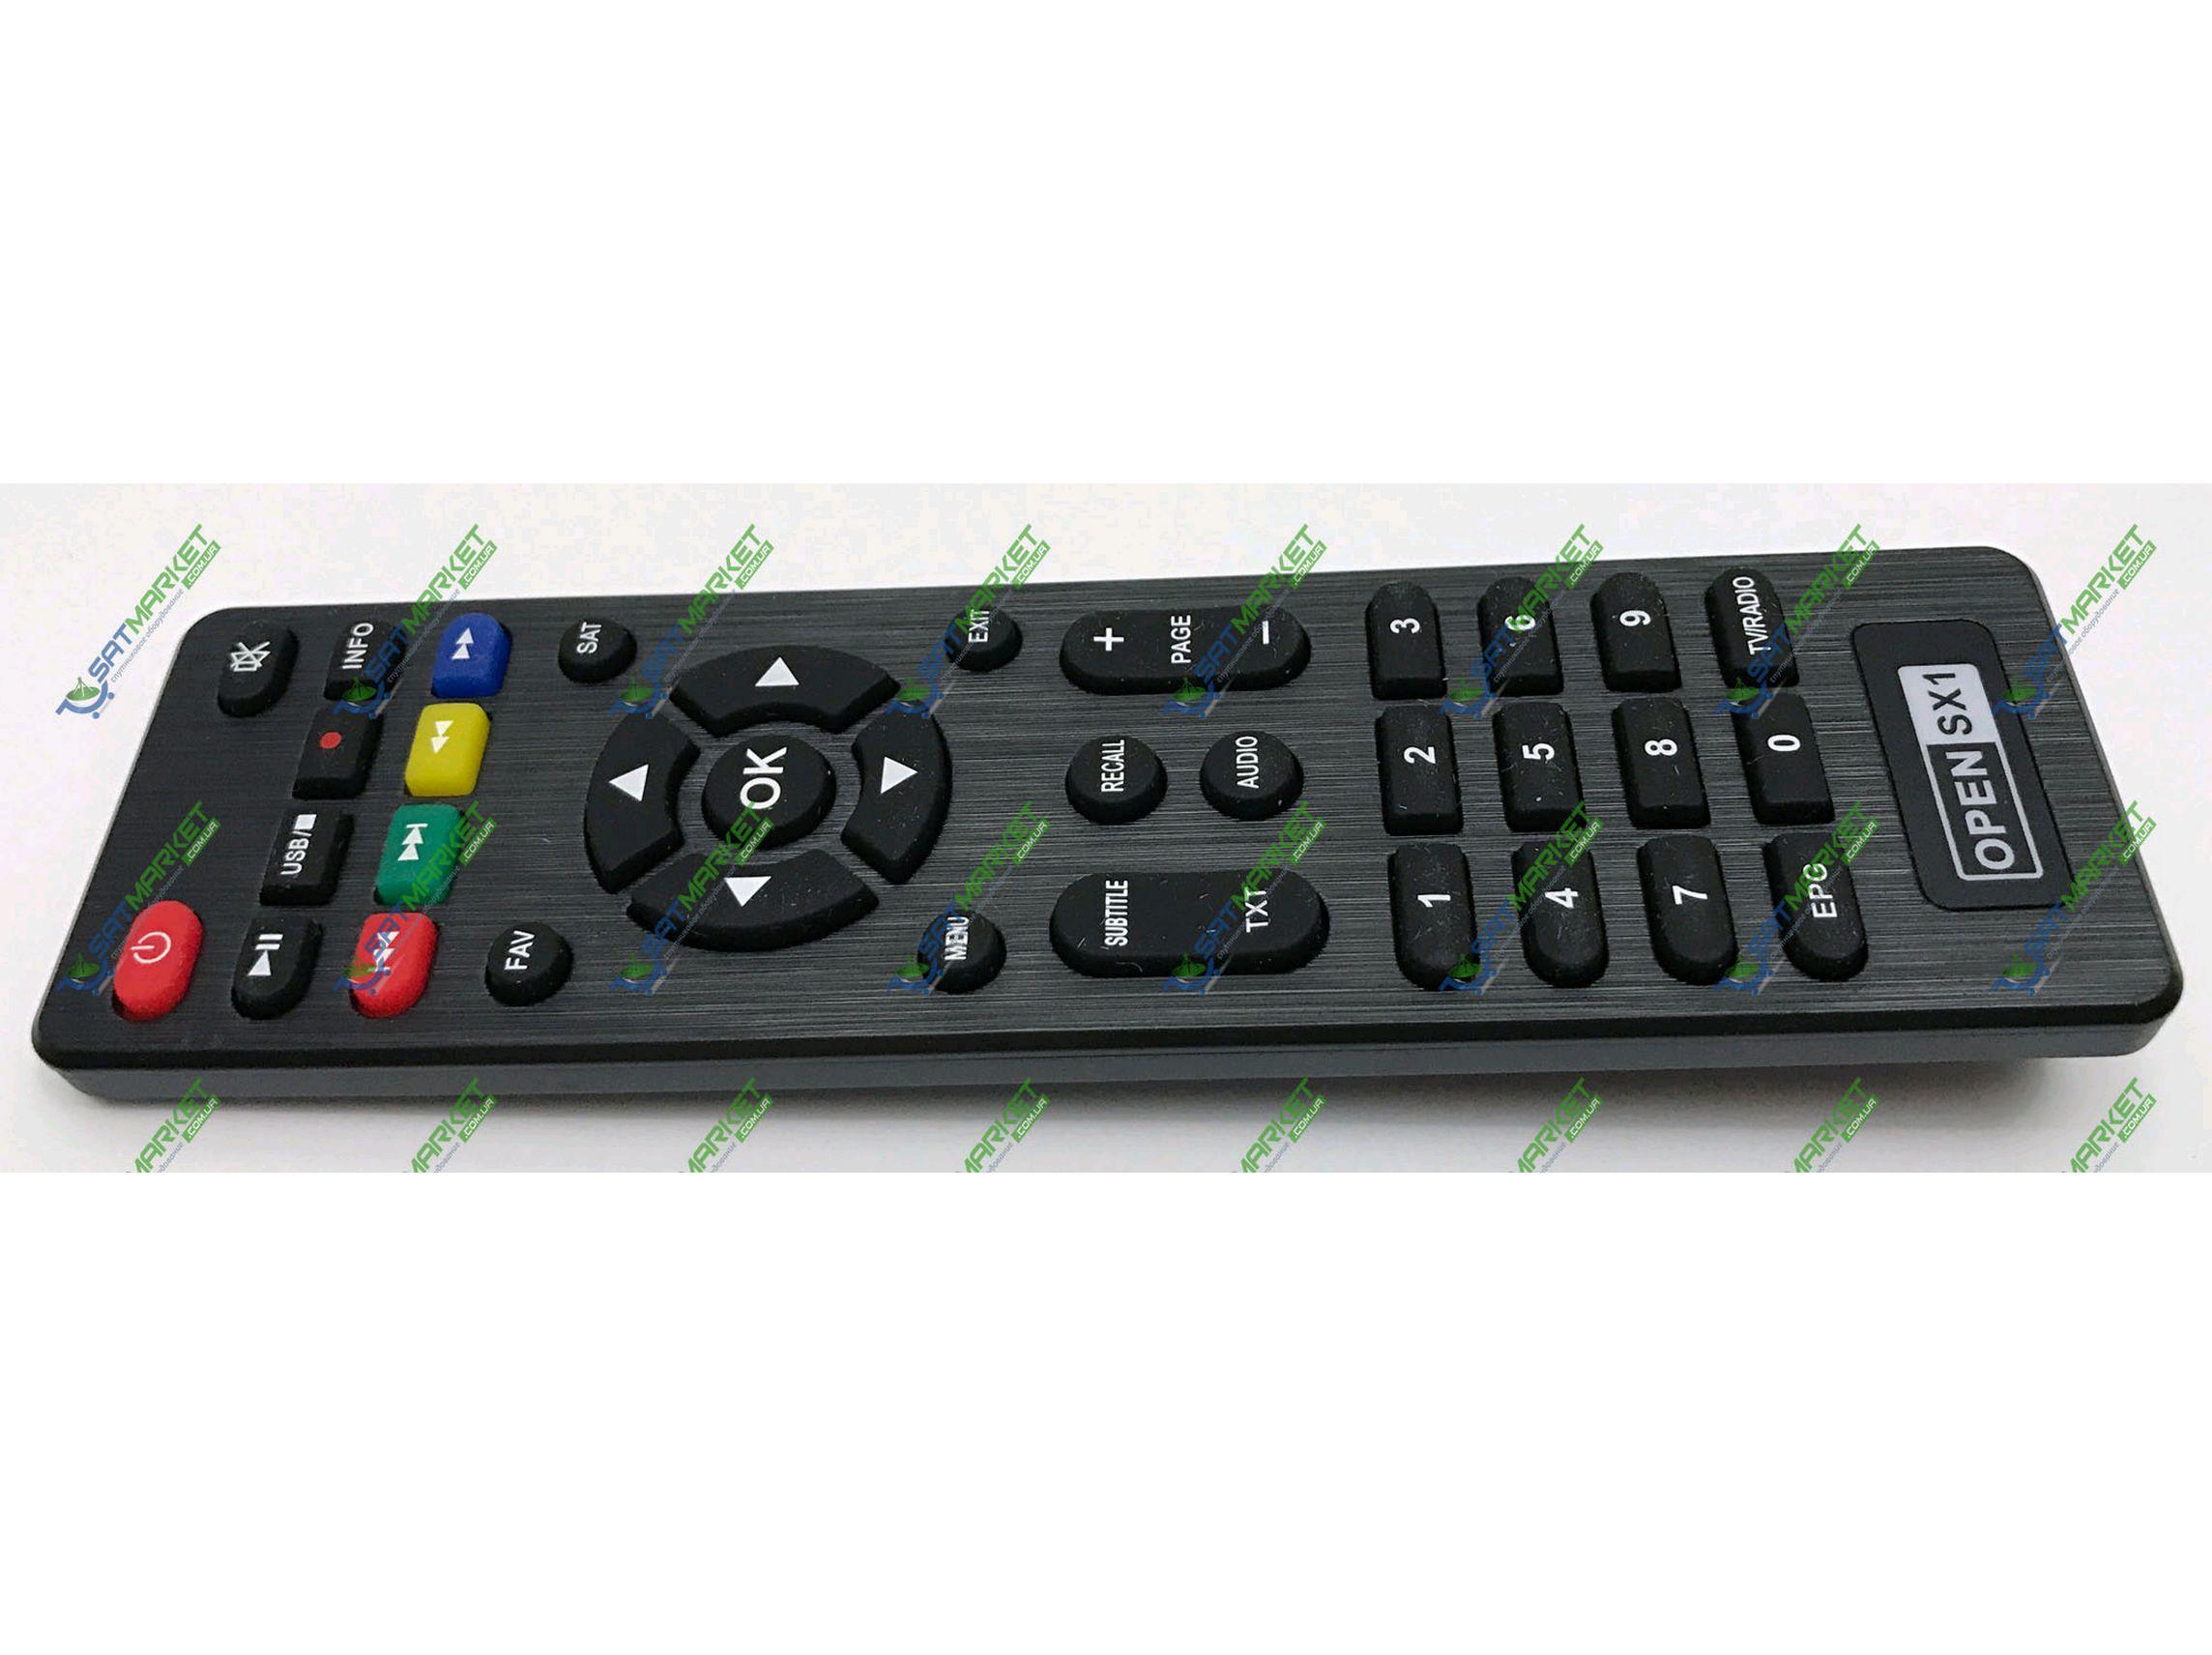 Купить Openbox SX1 HD  Цена на Openbox SX1 HD в Киеве